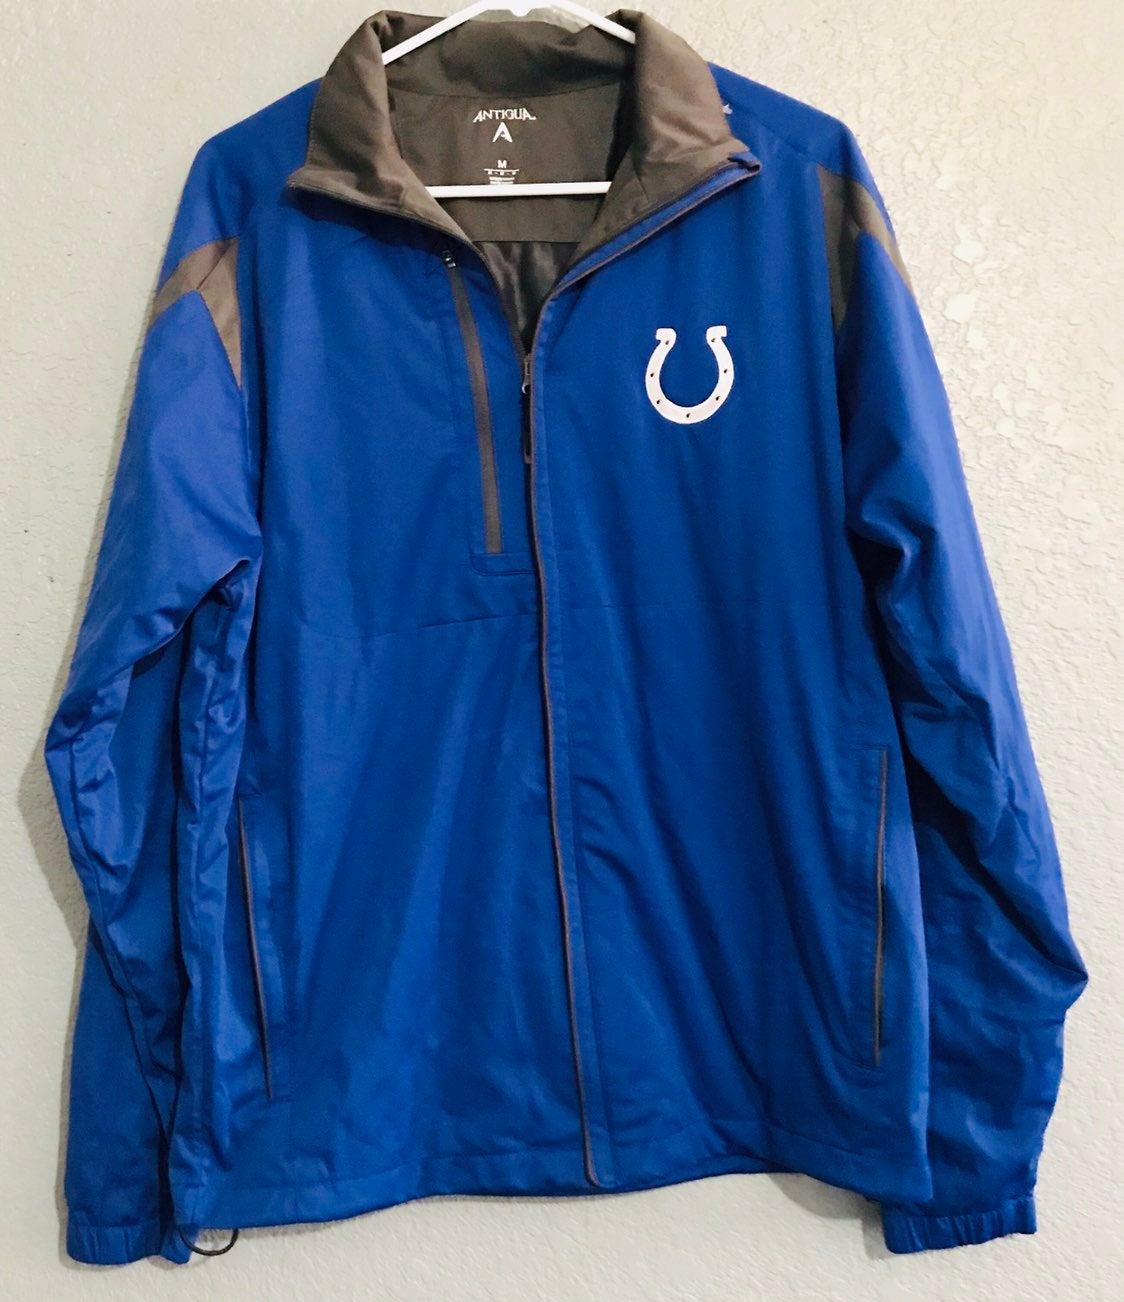 Men's NFL Colts Jacket (M)